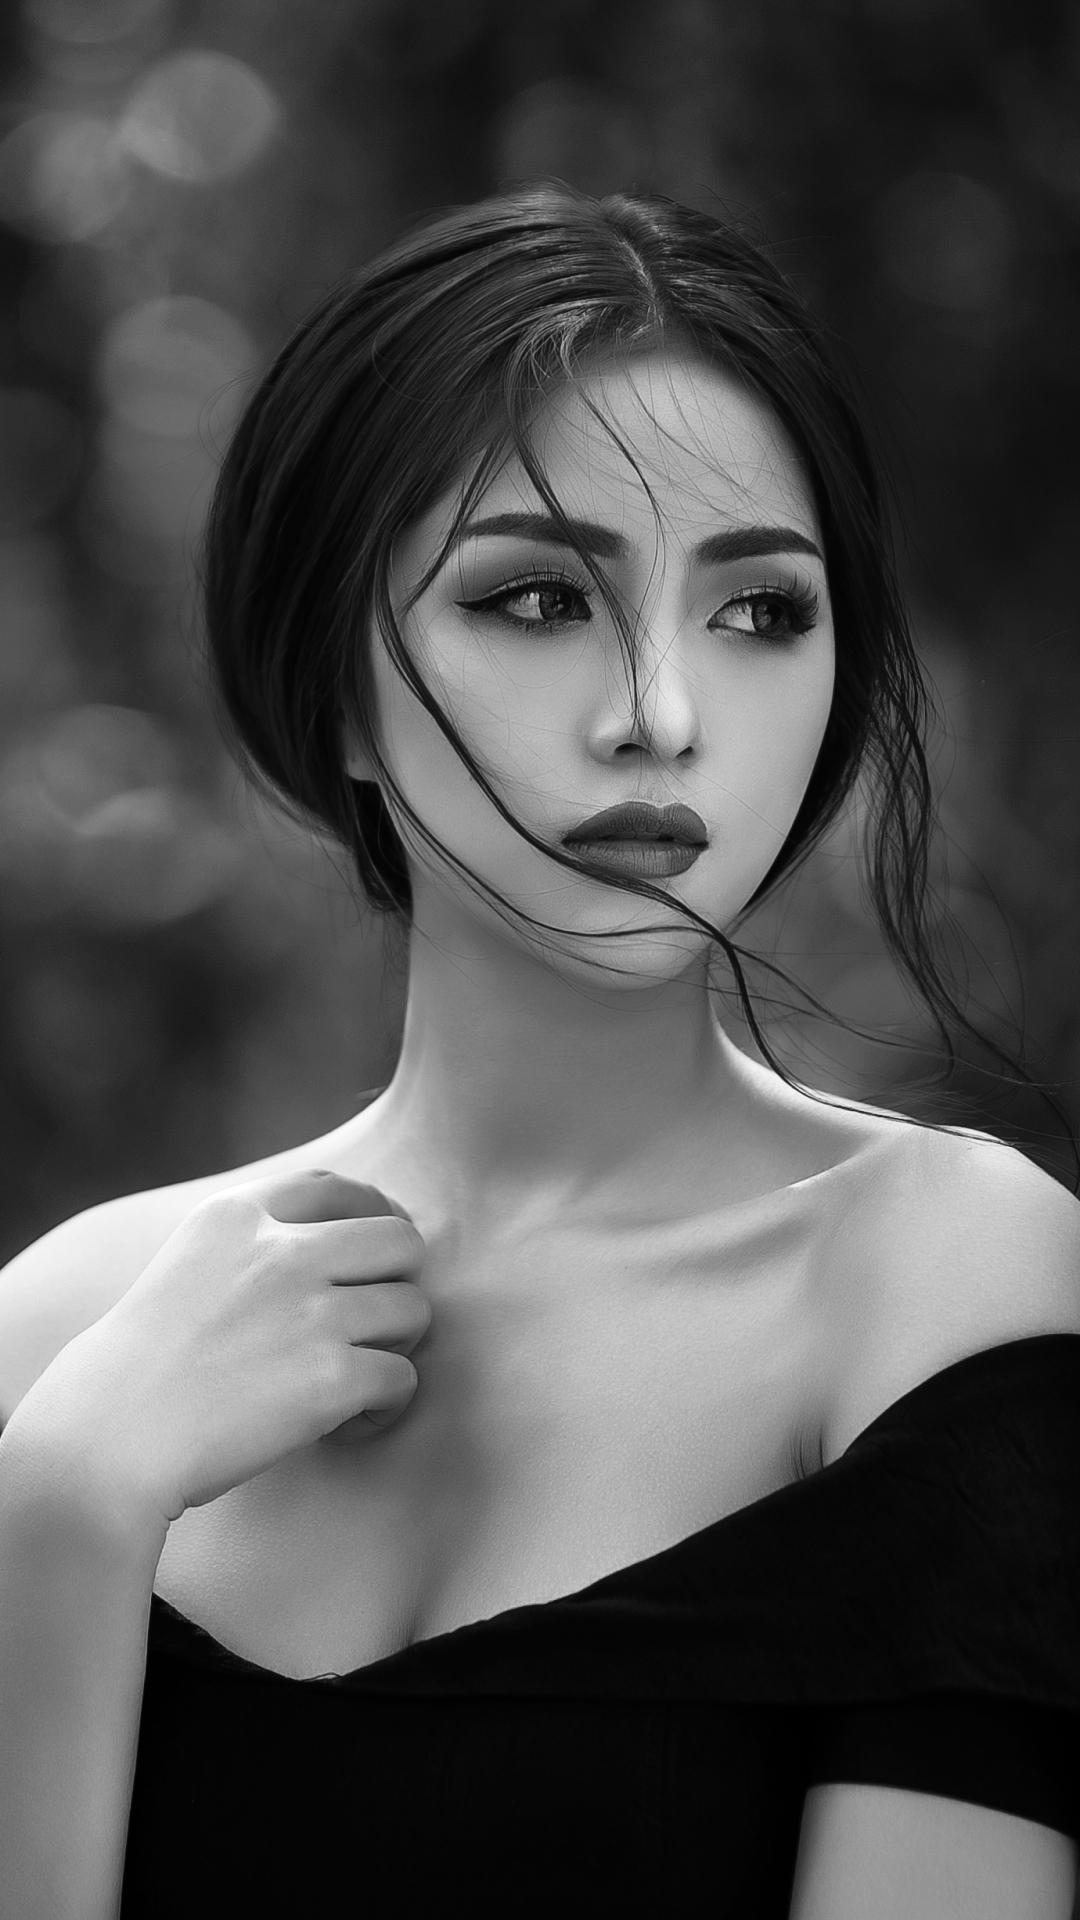 Hình nền điện thoại cô gái xinh đẹp màu đen trắng